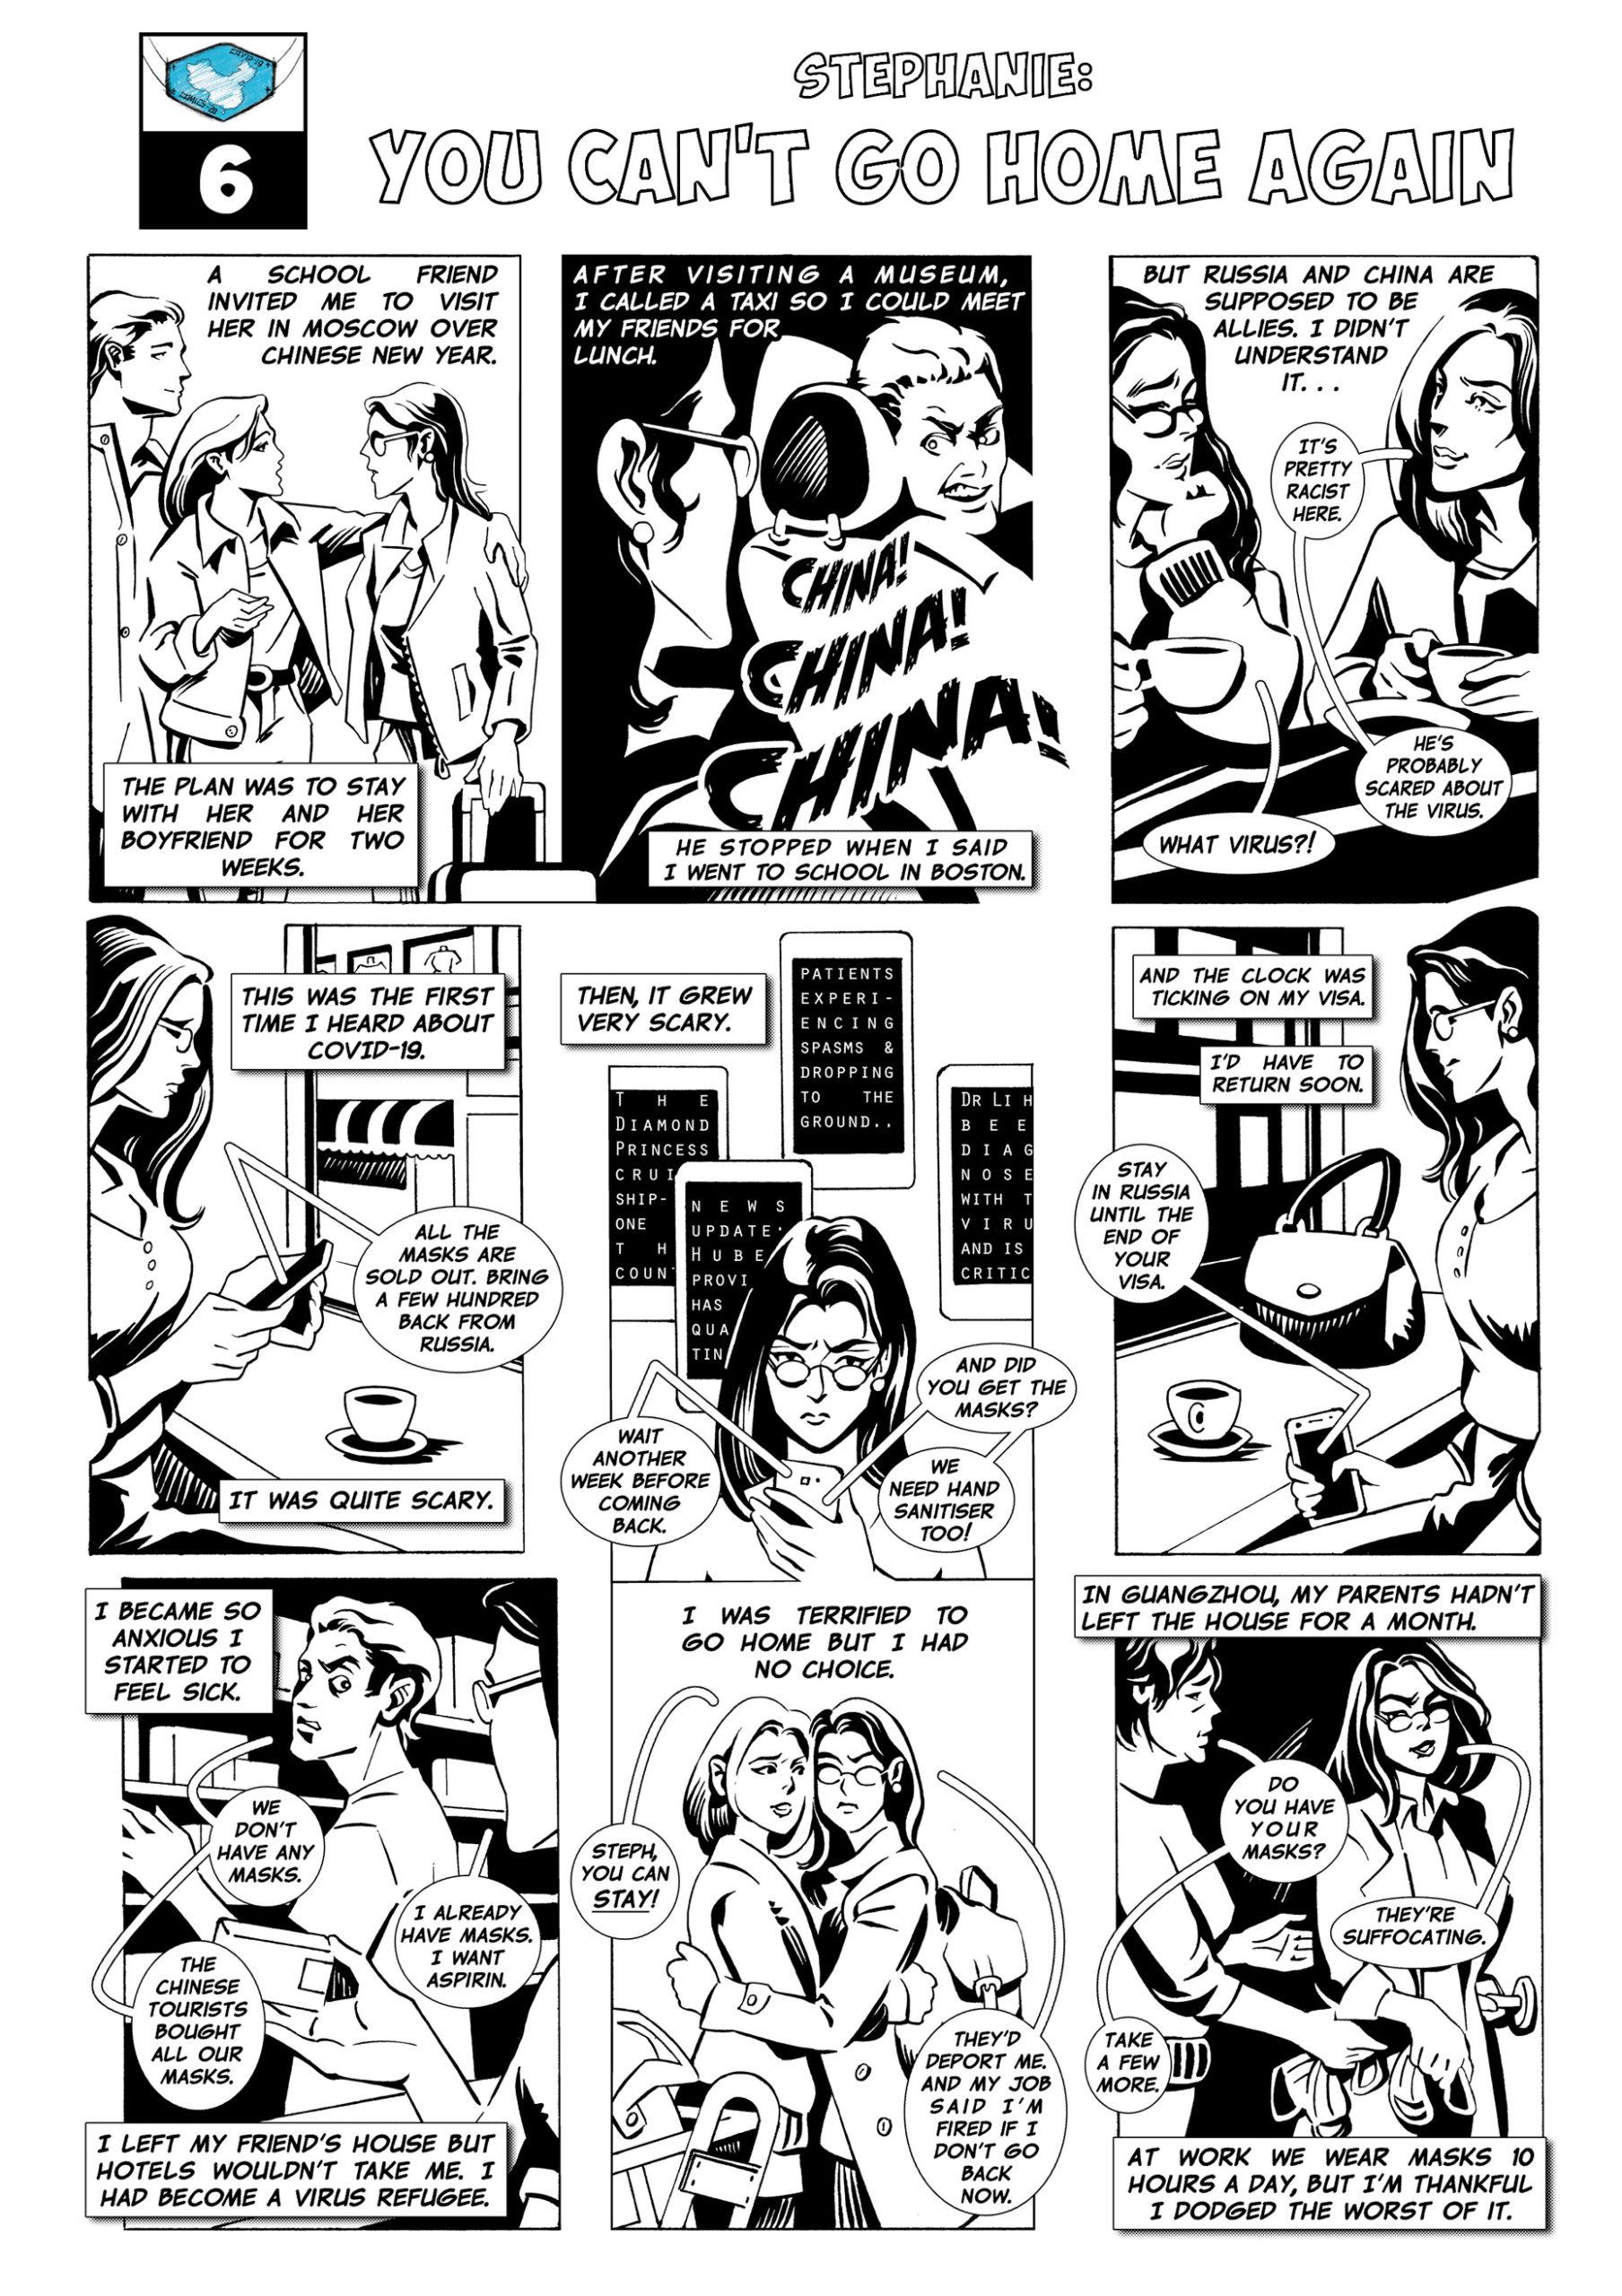 covid-19 relief comics-social distancing read